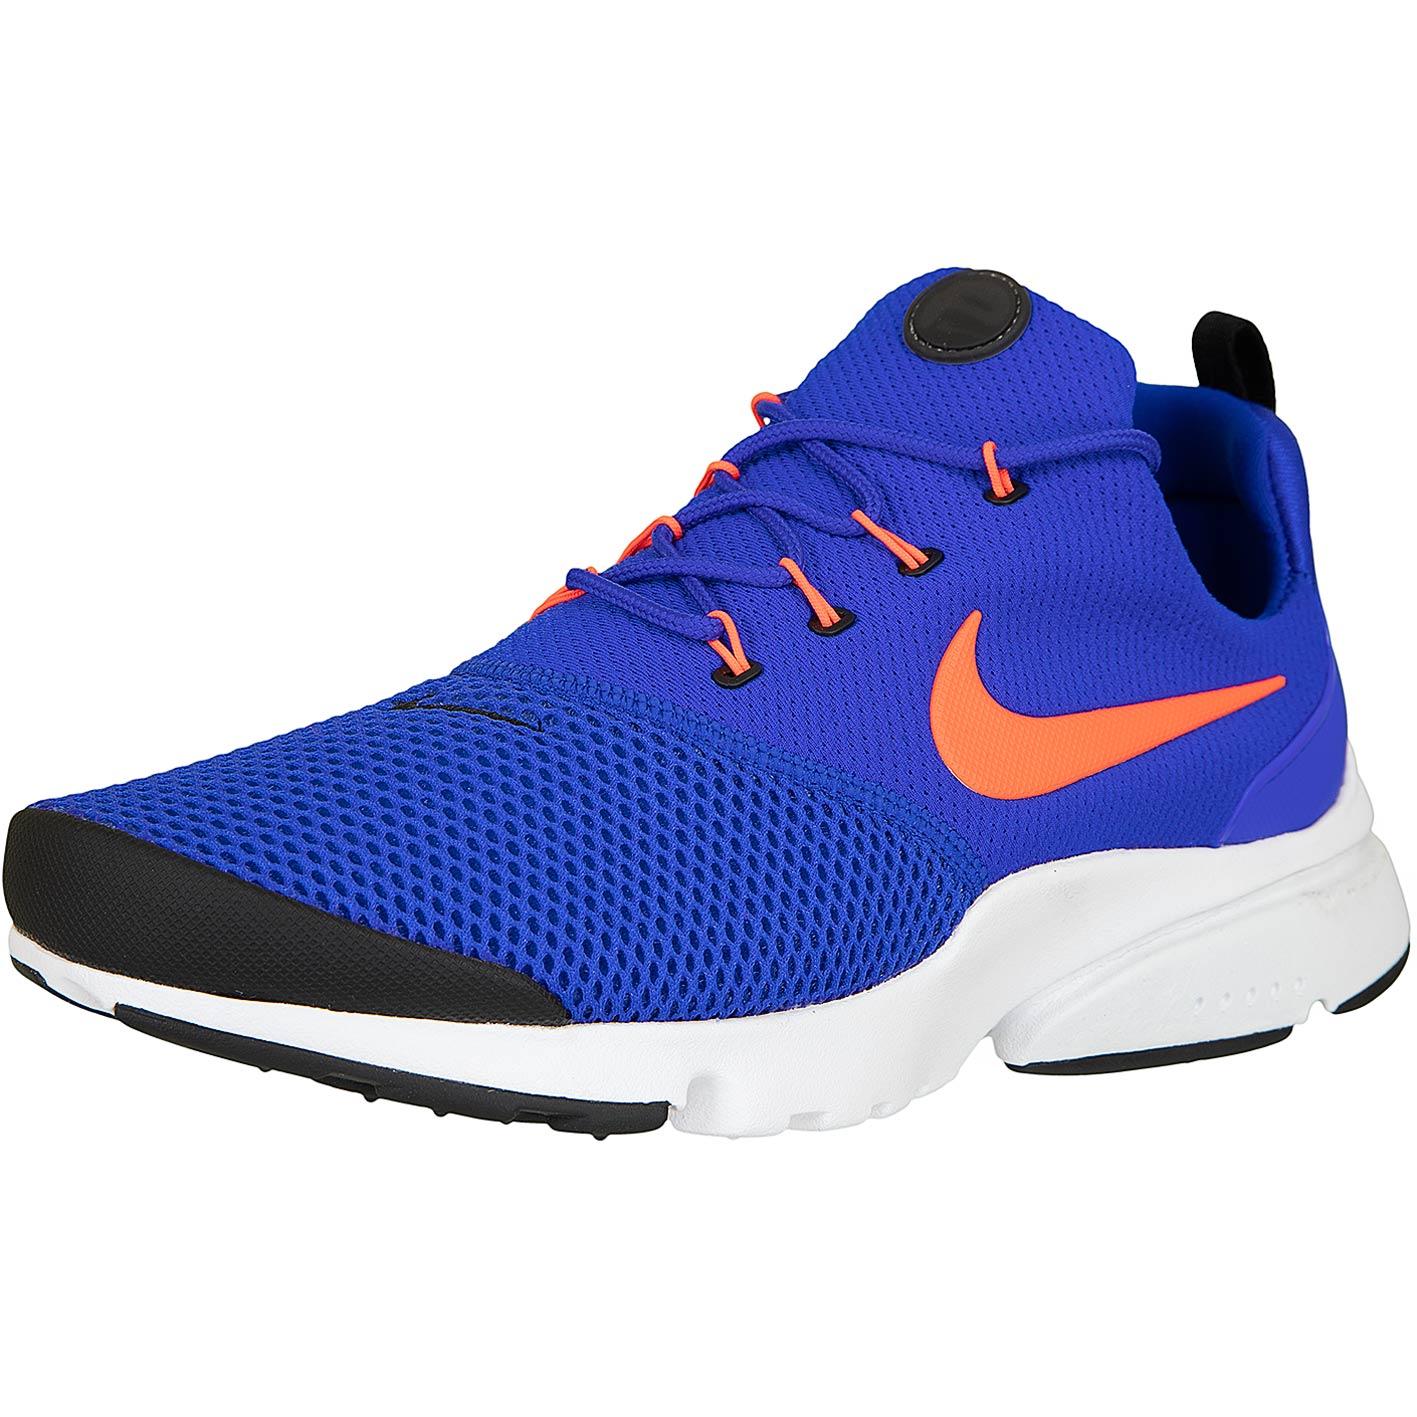 ☆ Nike Sneaker Presto Fly blau/orange - hier bestellen!